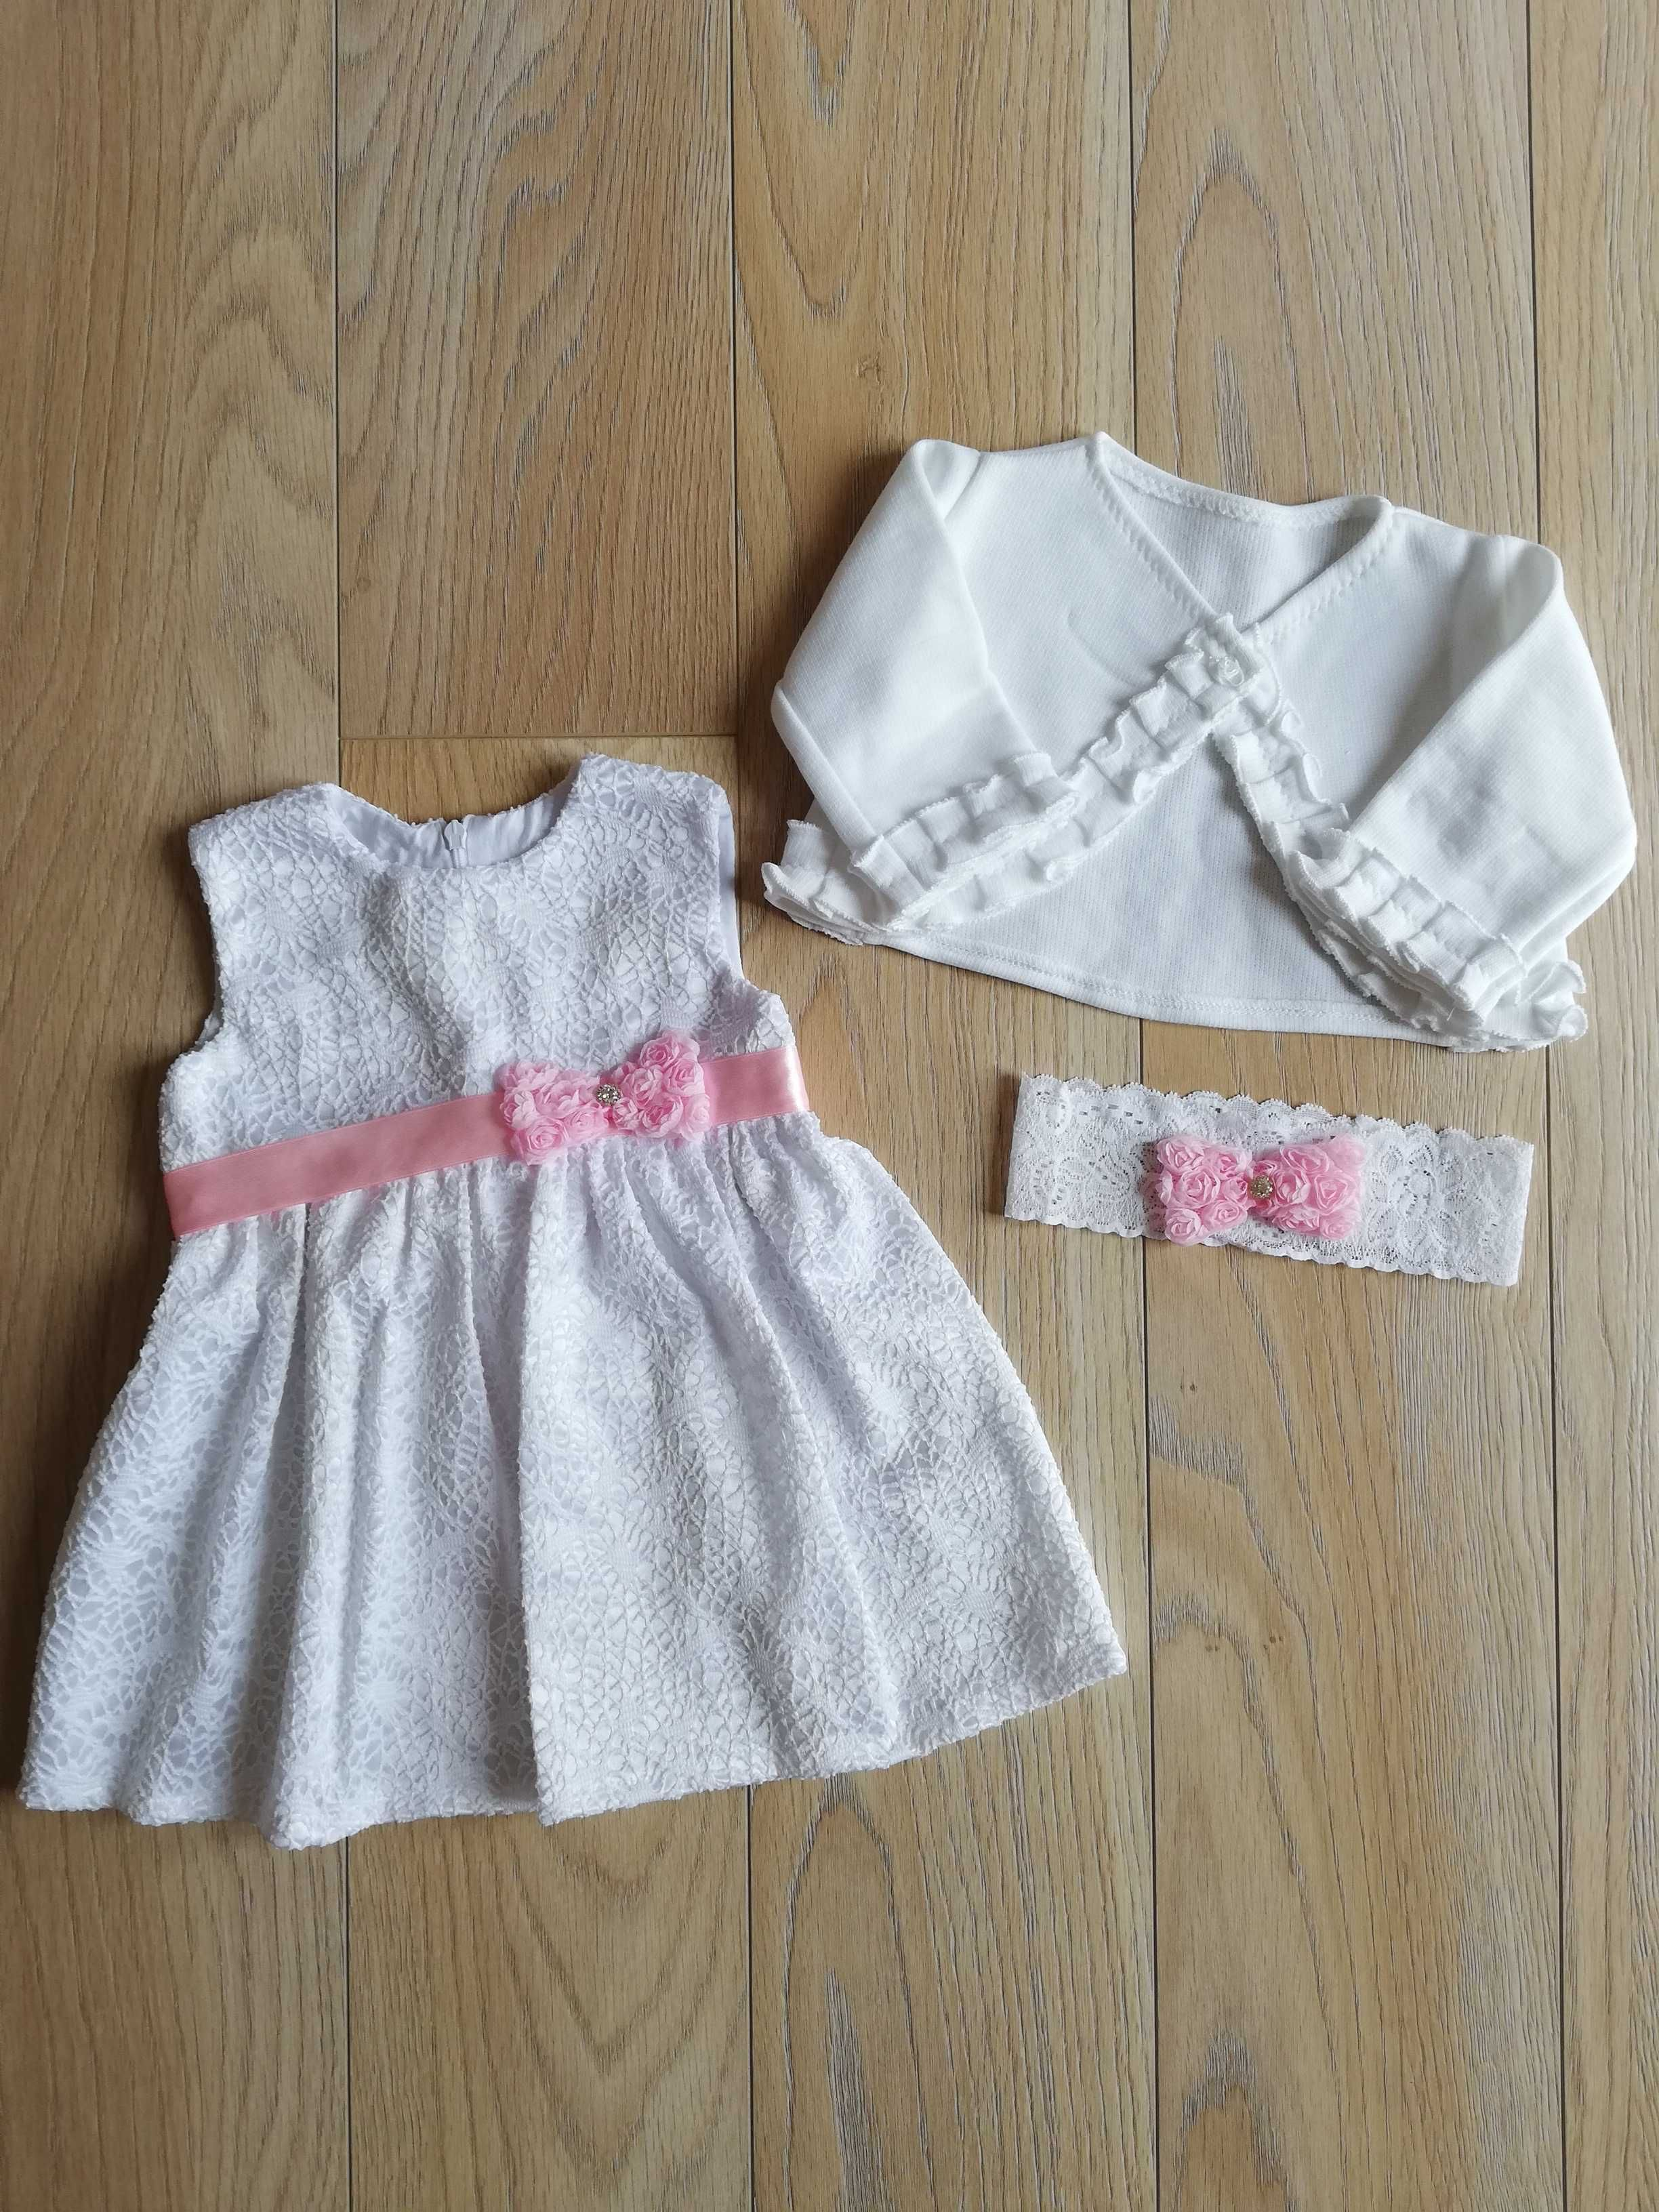 Ubranko komplet do chrztu dla dziewczynki 68/74 sukienka na chrzest